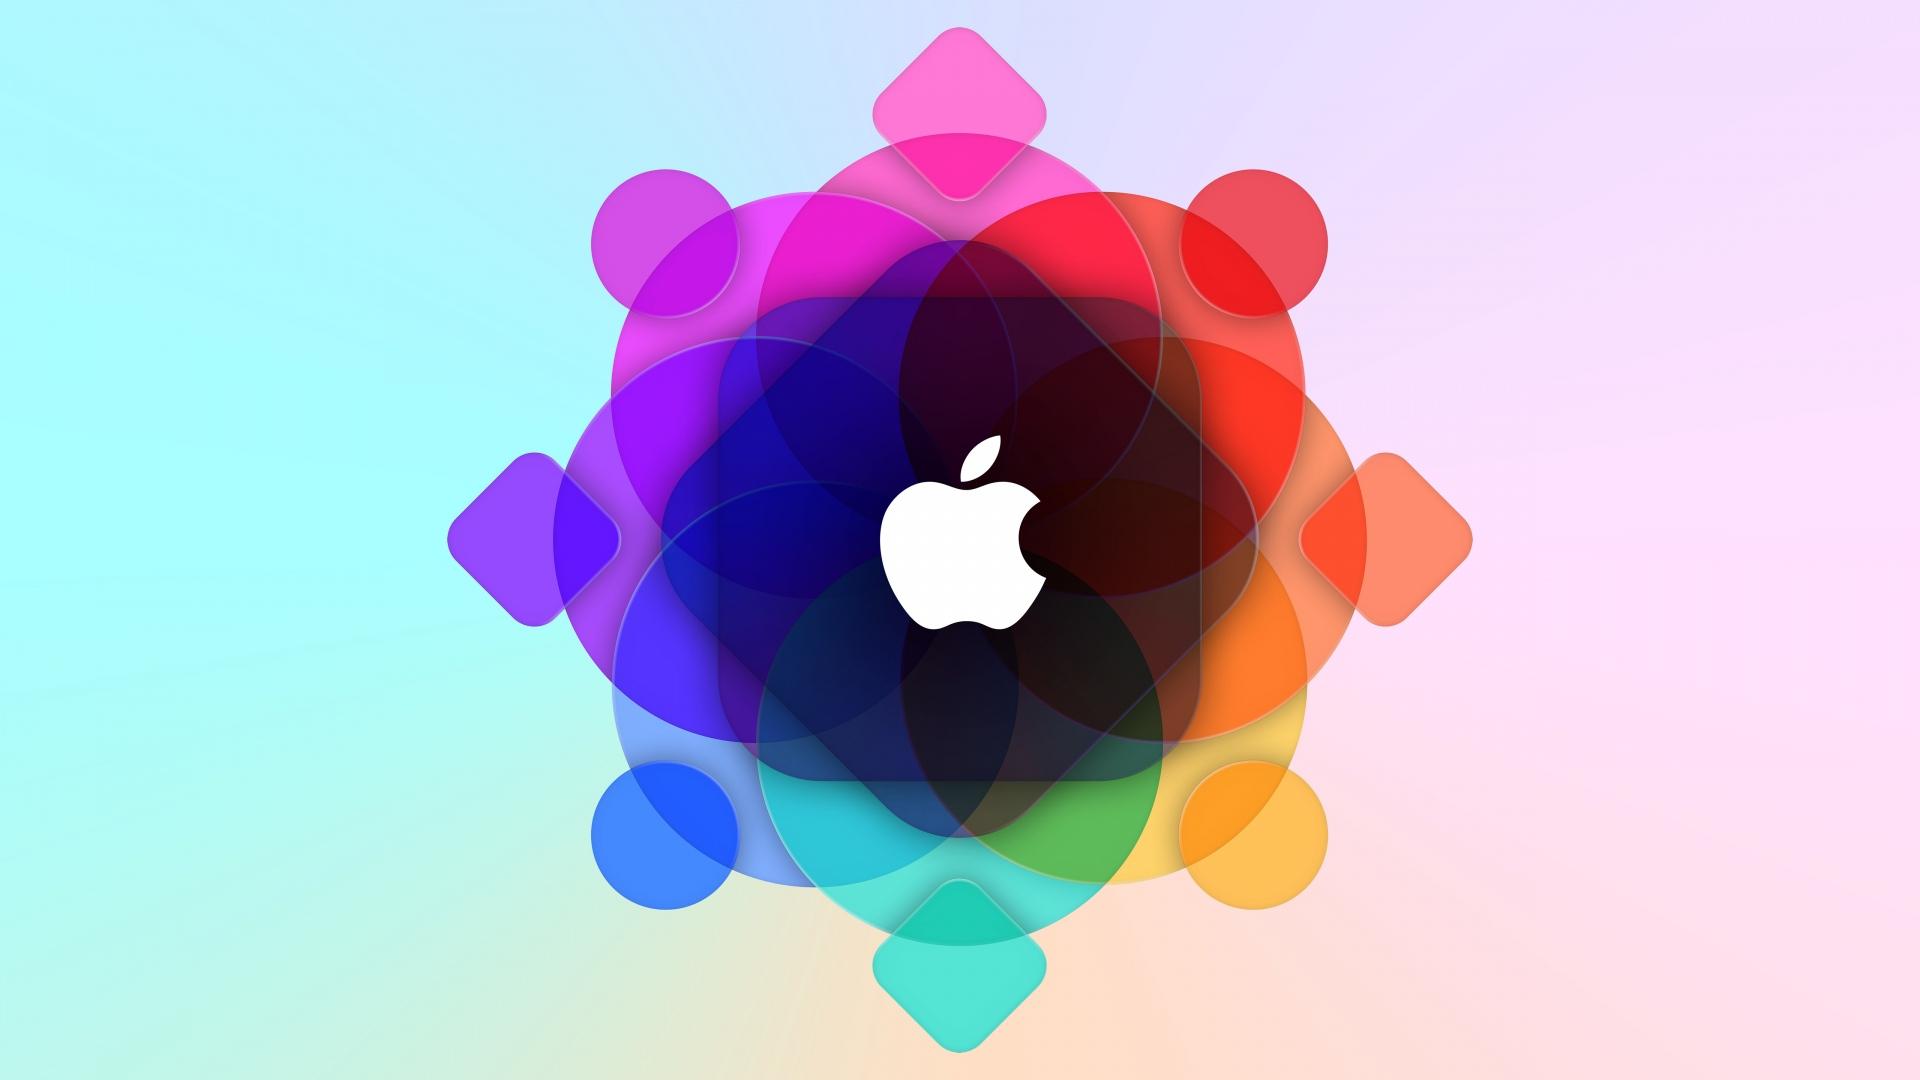 Красивые бренды и логотипы обои на заставку компьютера - подборка №4 1